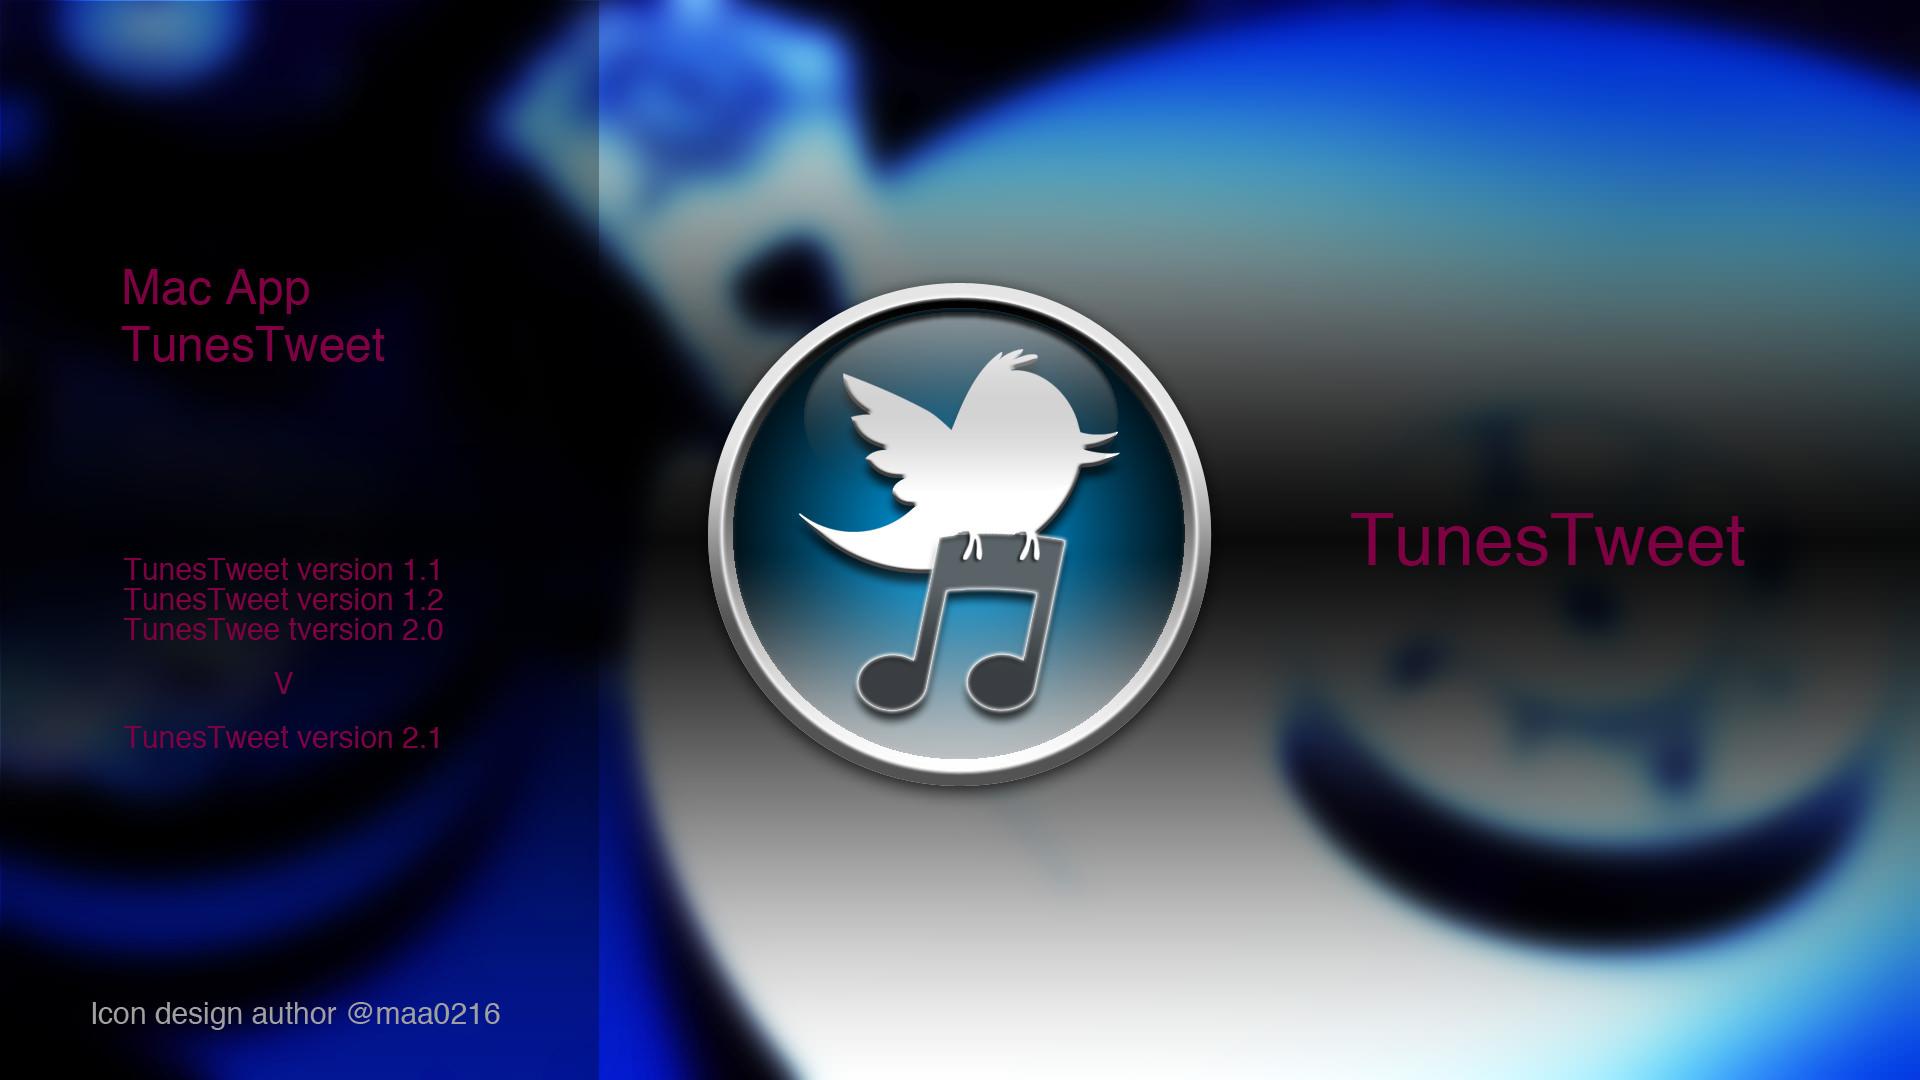 MacのiTunesで再生中の曲をアルバムアートワーク画像付きでつぶやくアプリ「TunesTweet」を入れてみた